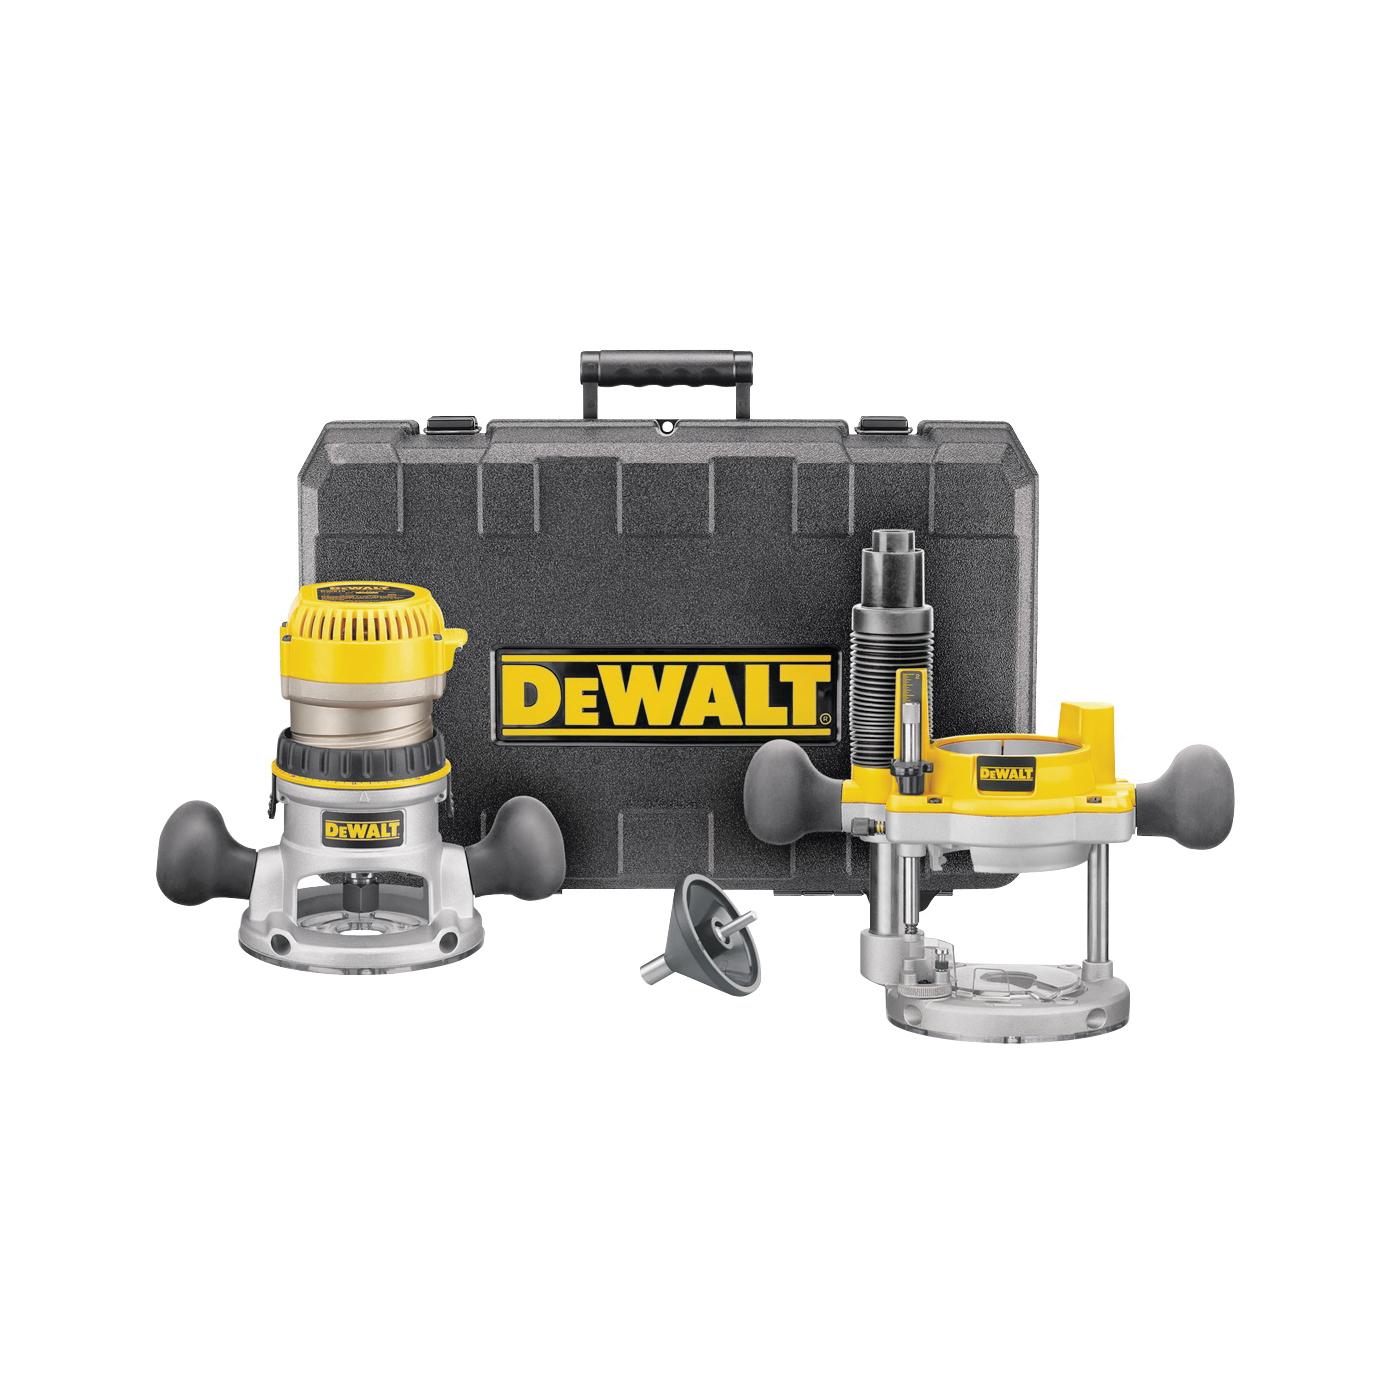 DeWALT DW616PK